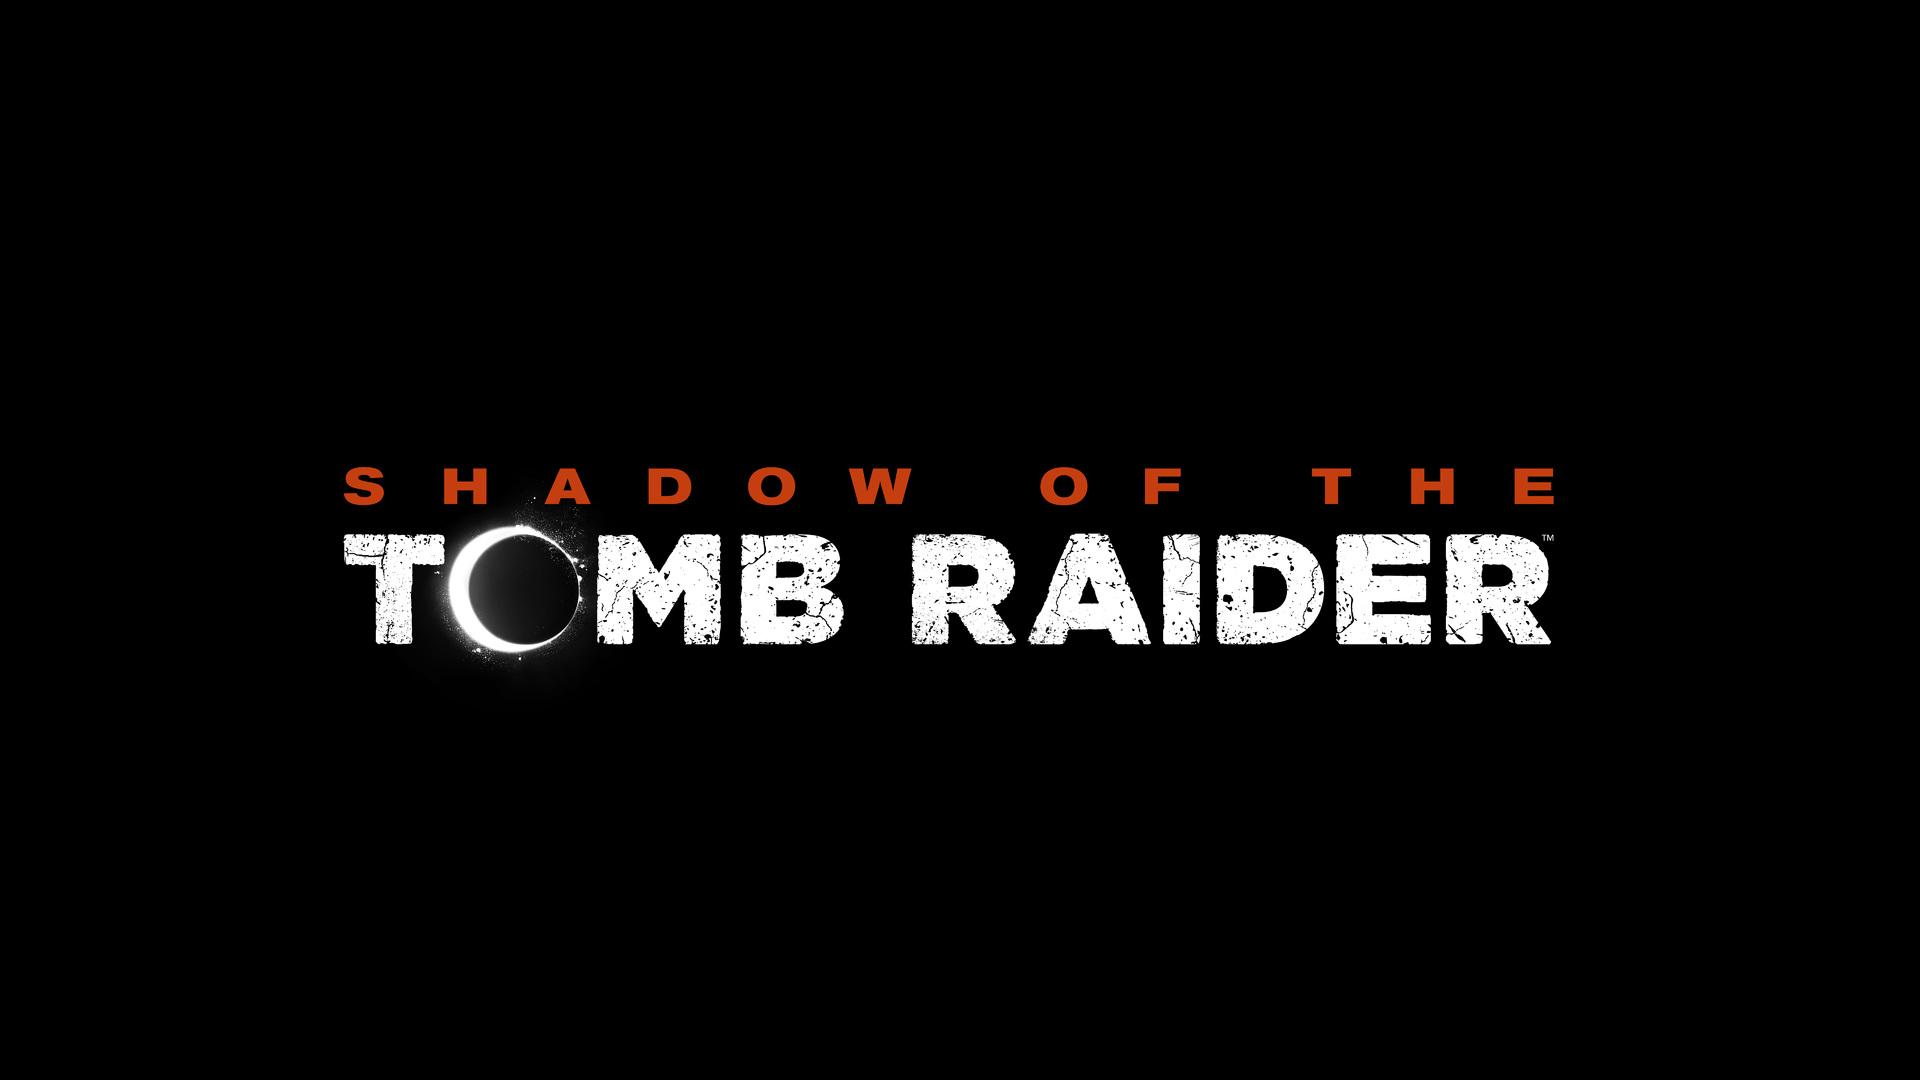 В Shadow of the Tomb Raider Лара будет сильнее и опытнее, а в игре будут RPG-элементы и кооператив